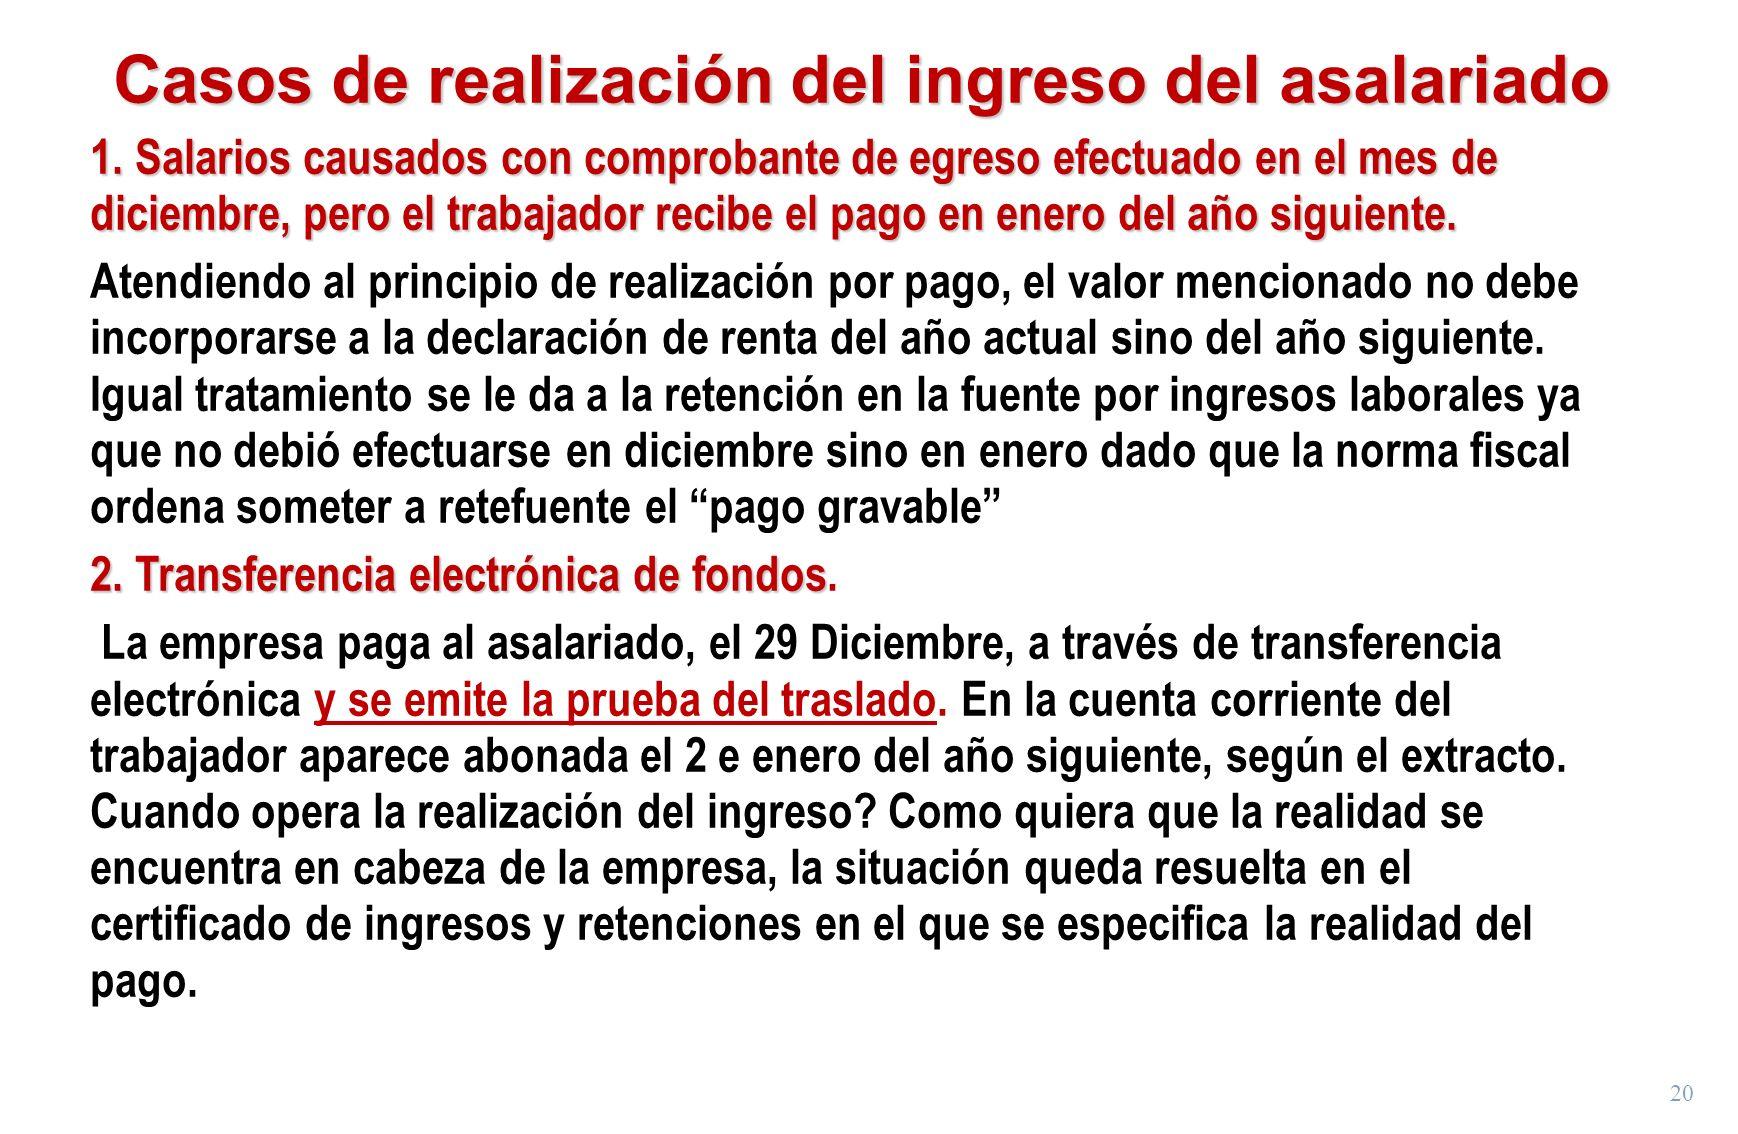 20 Casos de realización del ingreso del asalariado 1. Salarios causados con comprobante de egreso efectuado en el mes de diciembre, pero el trabajador